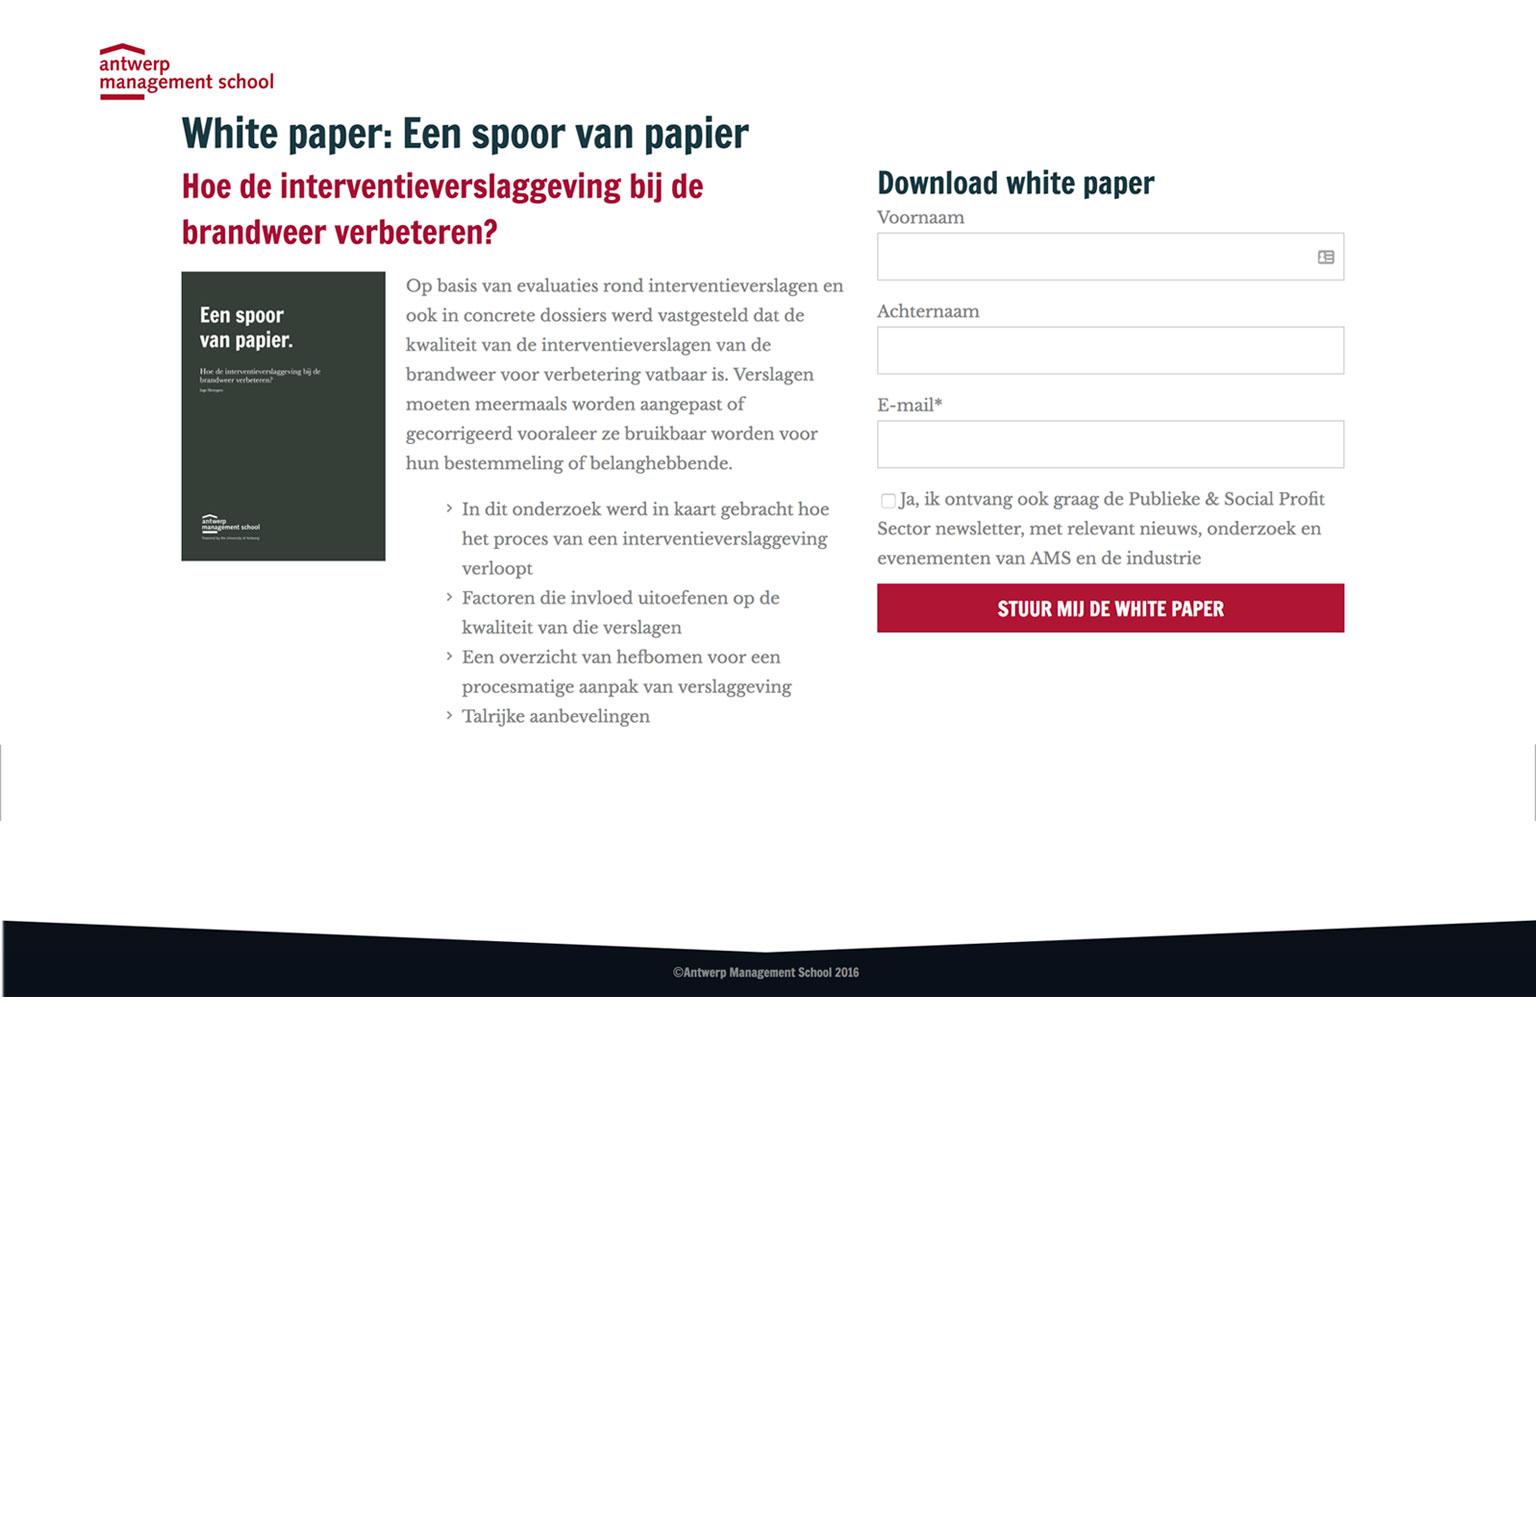 1536x1536-case-study-antwerpmanagementschool-landing-page